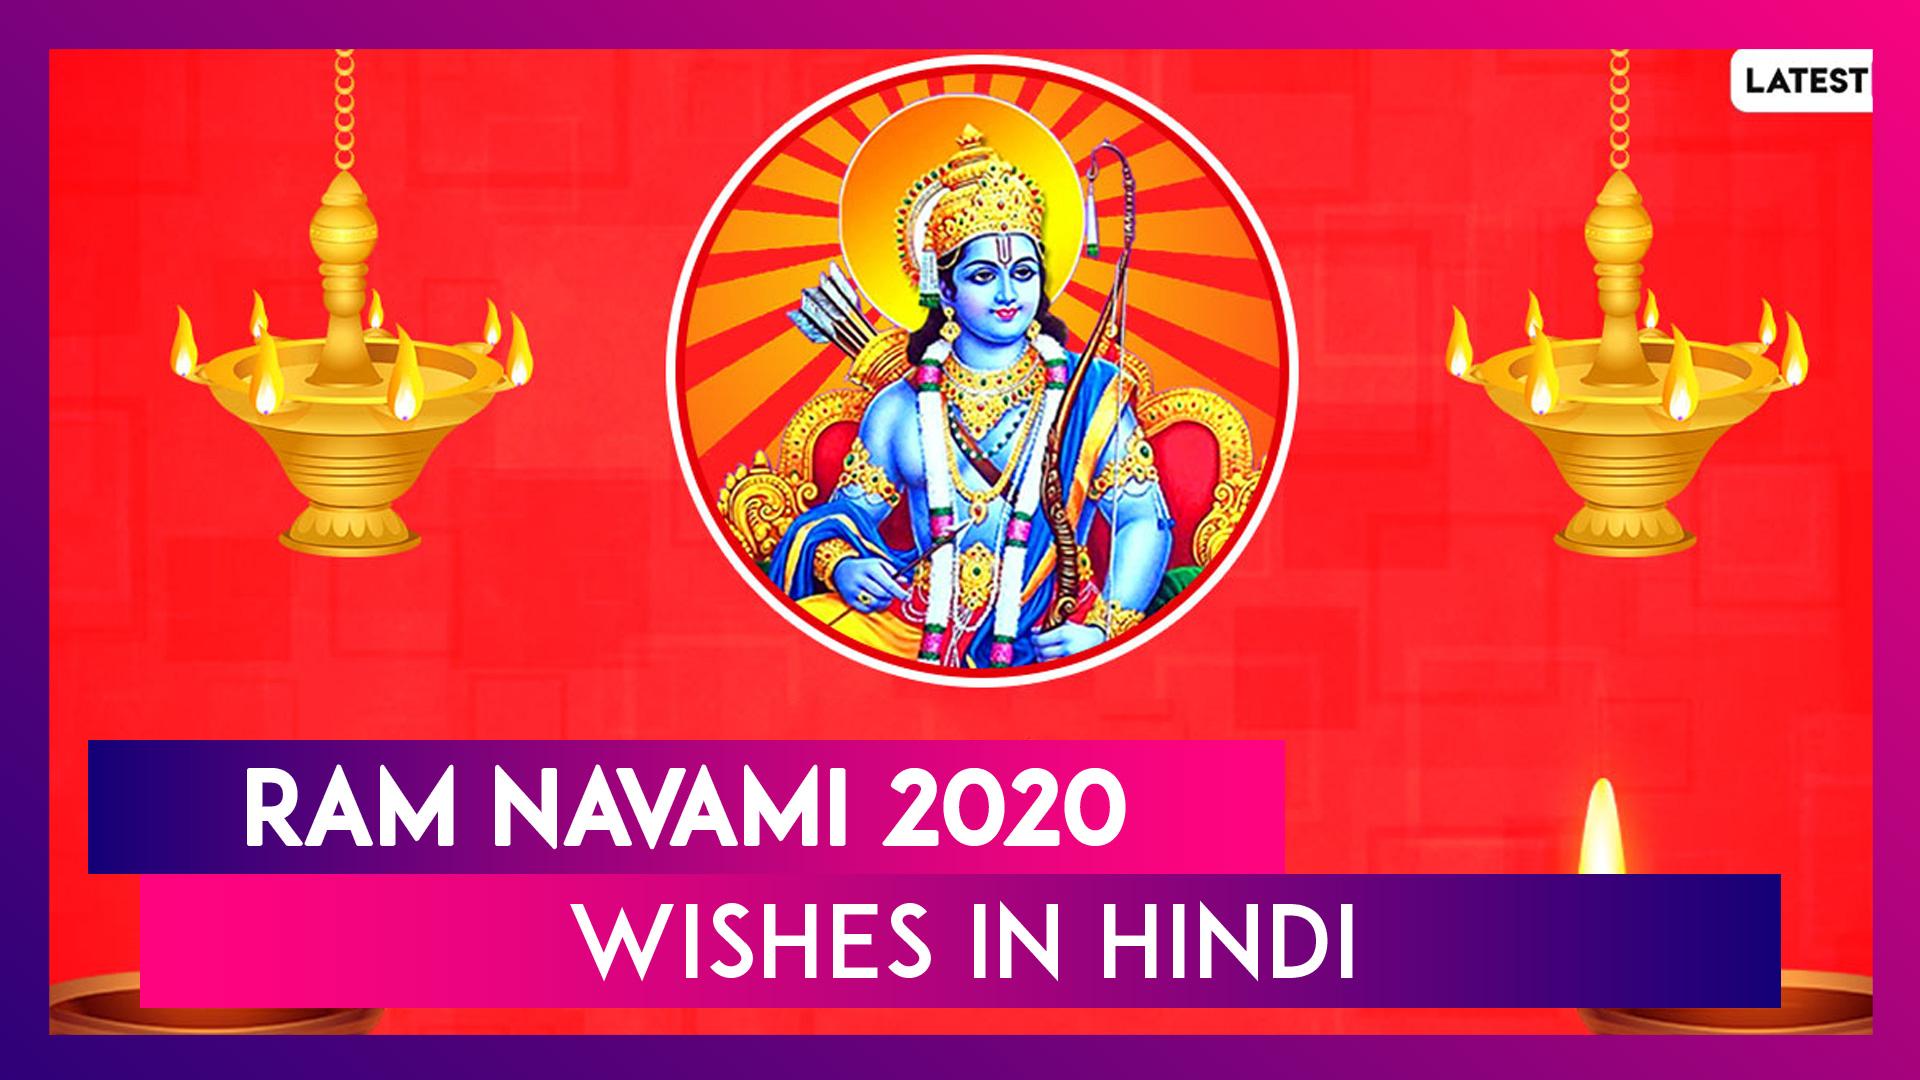 Ram Navami 2020 Wishes In Hindi: प्रियजनों को शुभकामनाएं देने के लिए Messages, Quotes, Greetings